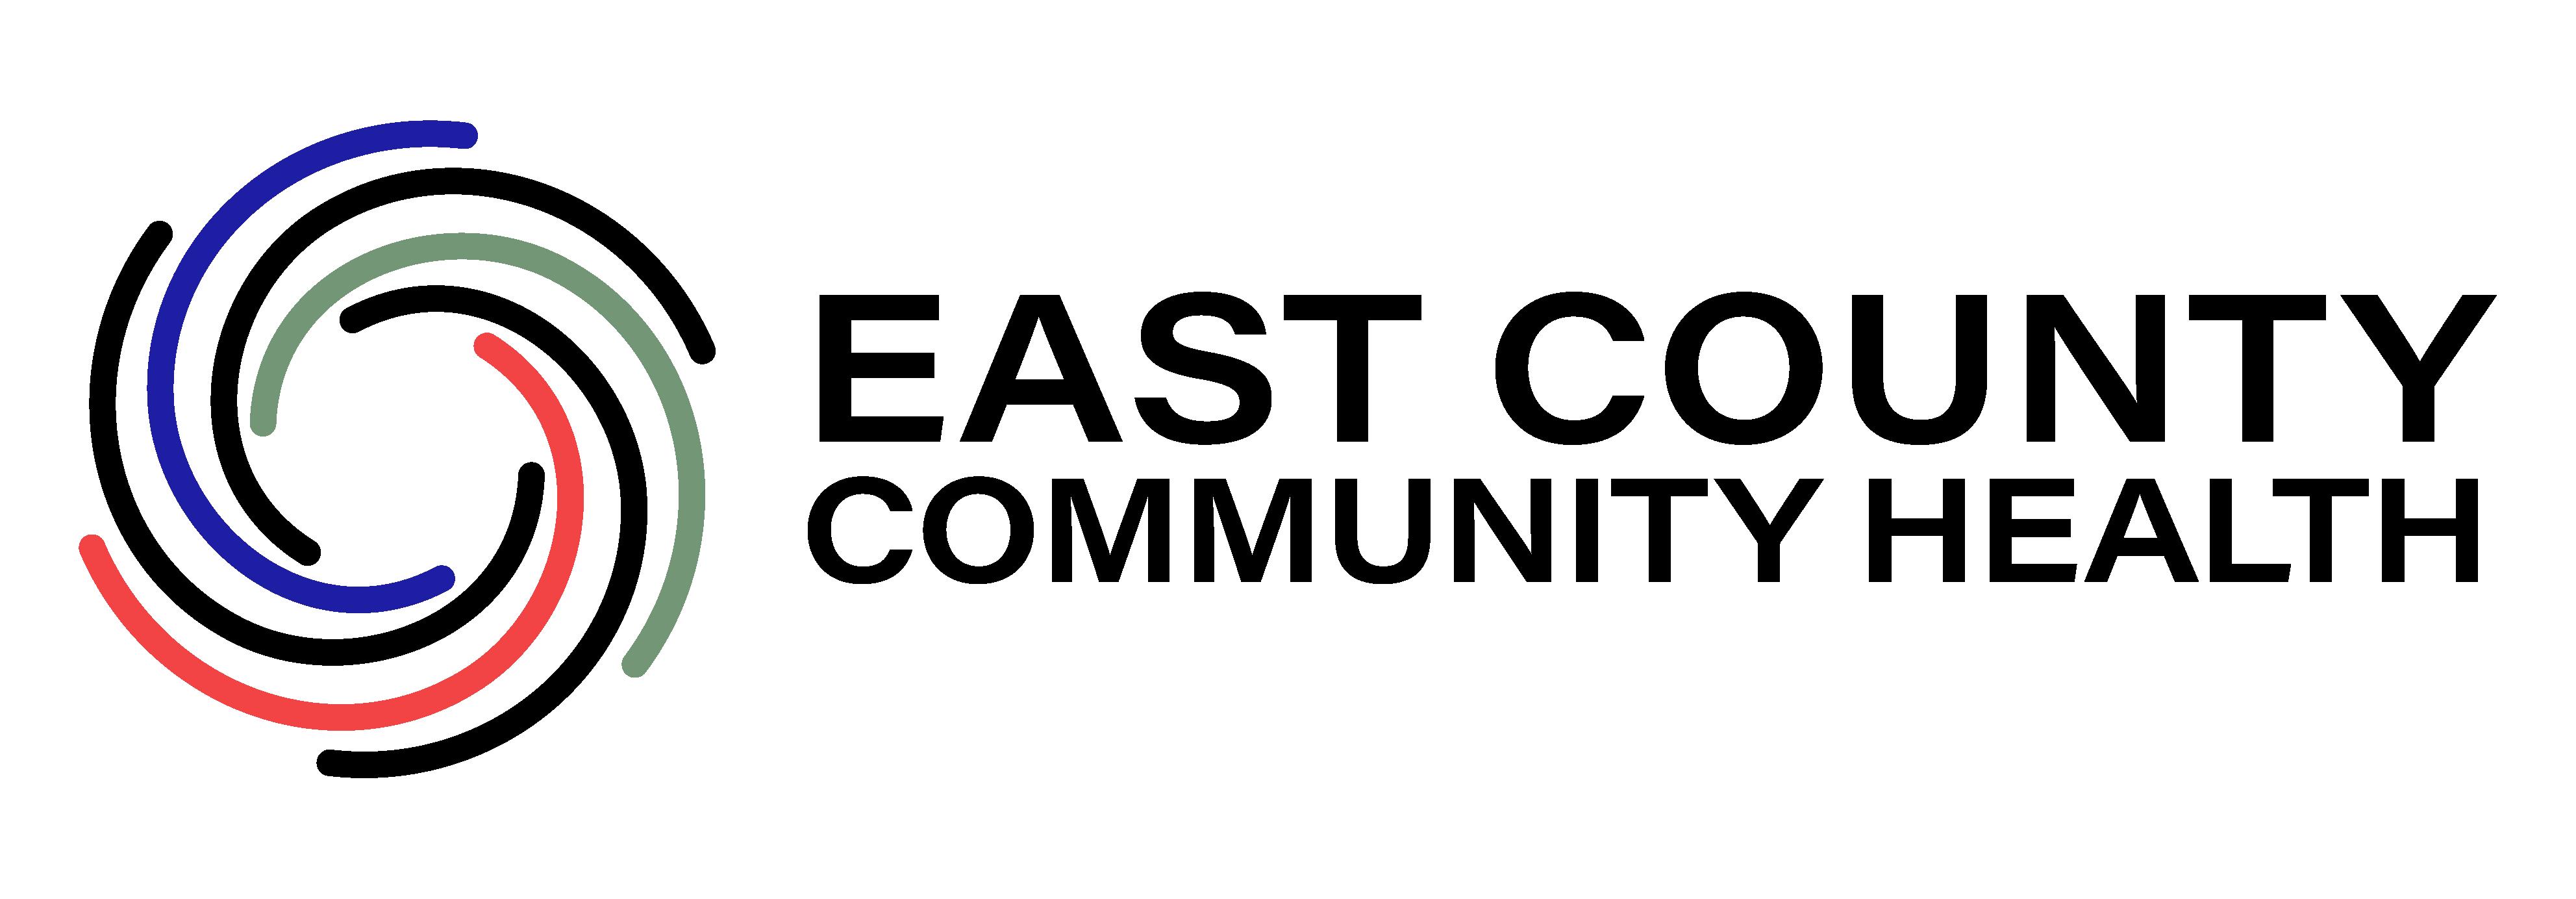 ecch logo_color_horizontal